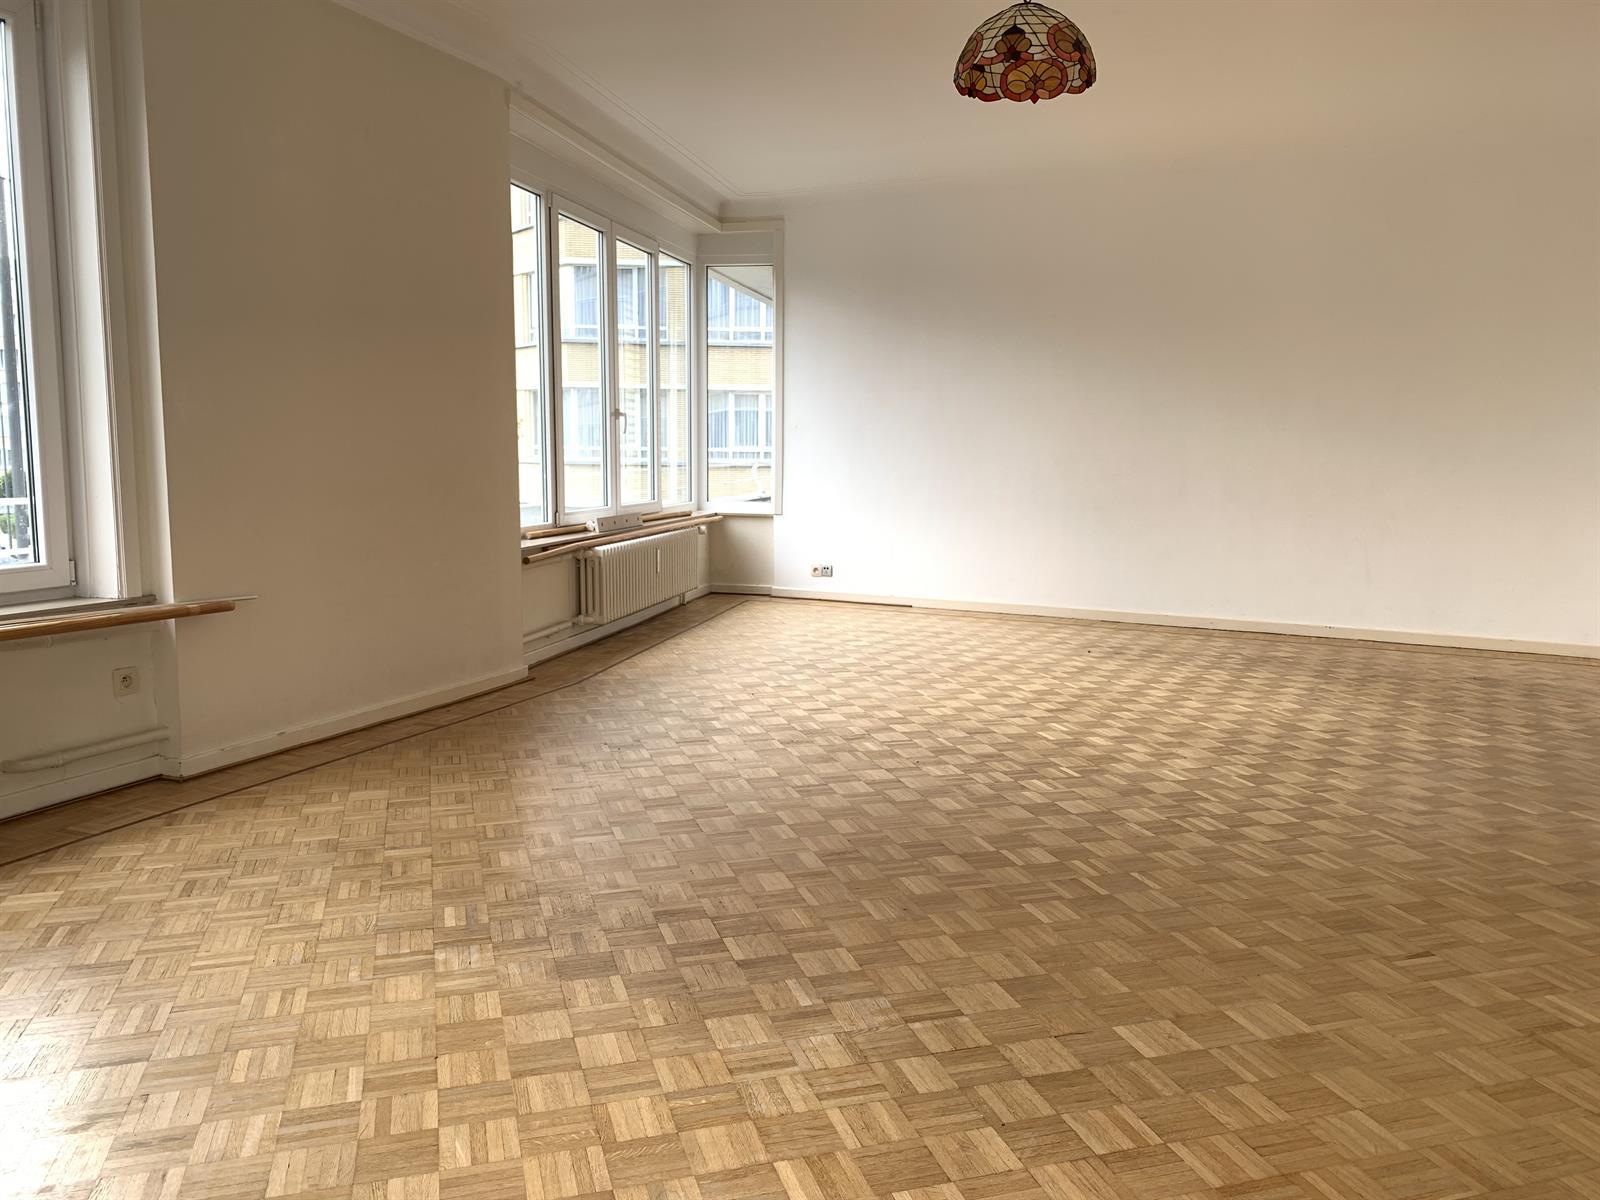 Appartement - Etterbeek - #4224211-2